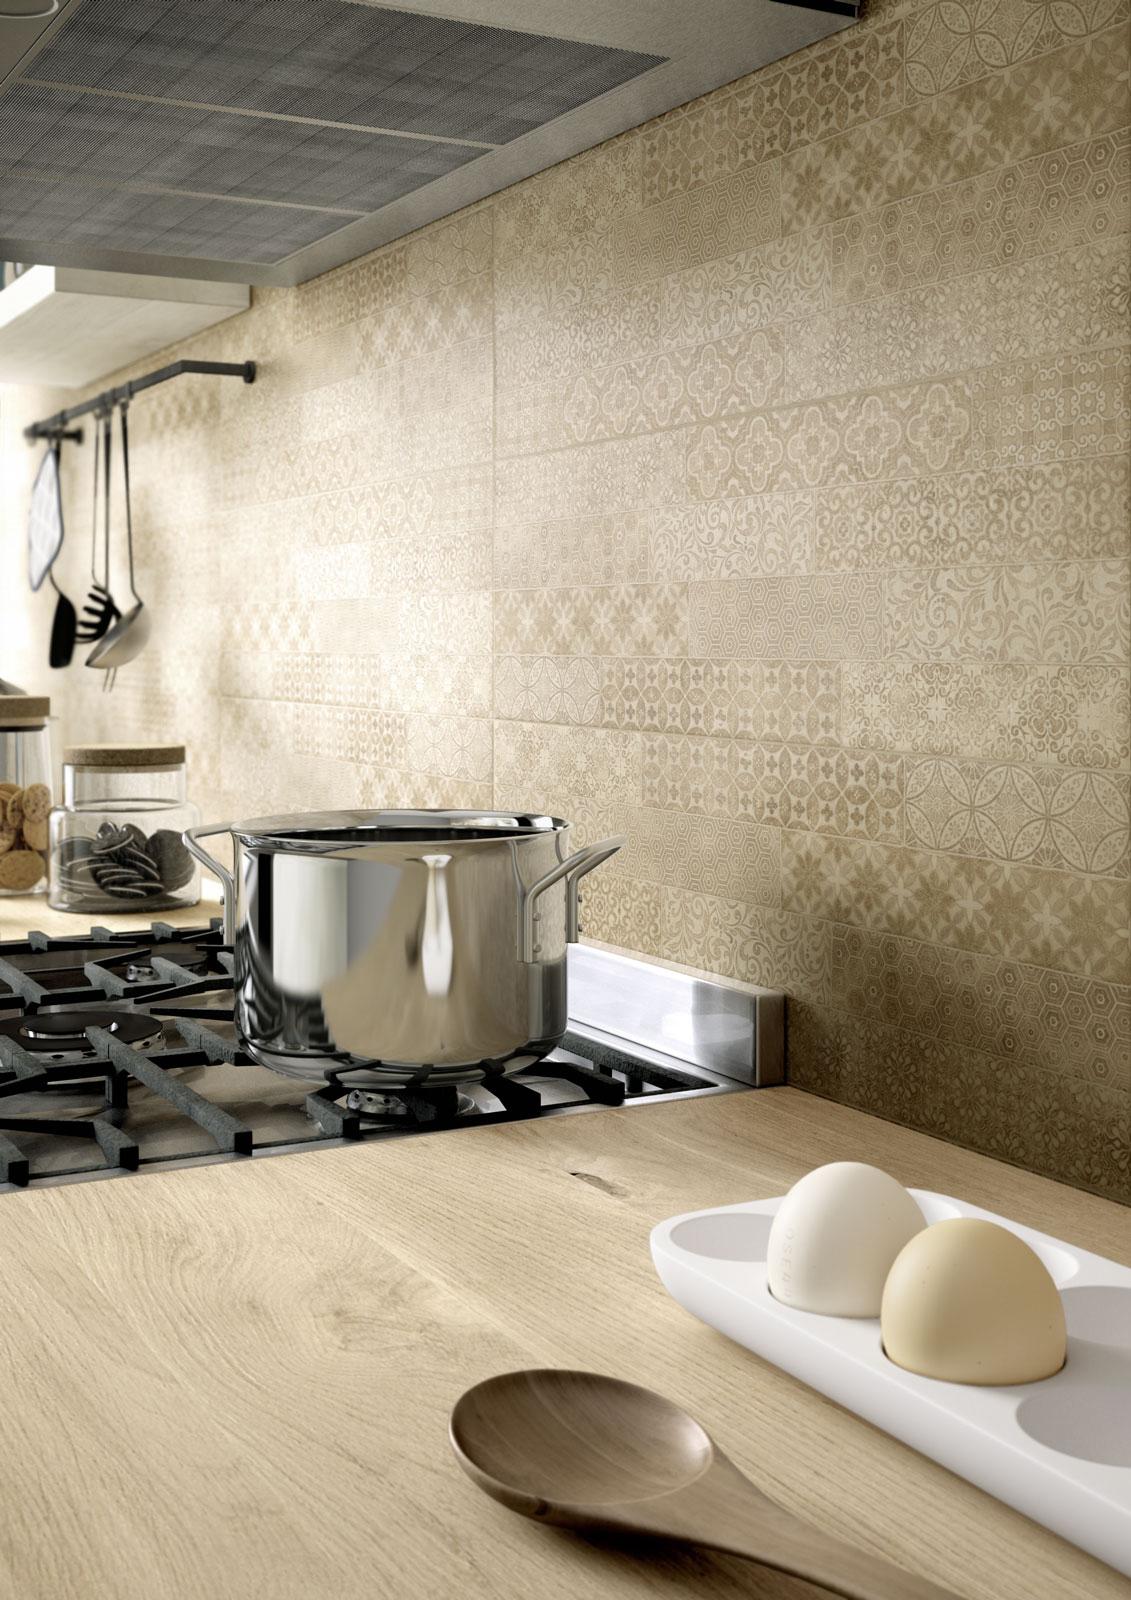 Clayline rivestimento per bagno marazzi - Rimuovere cemento da piastrelle ...